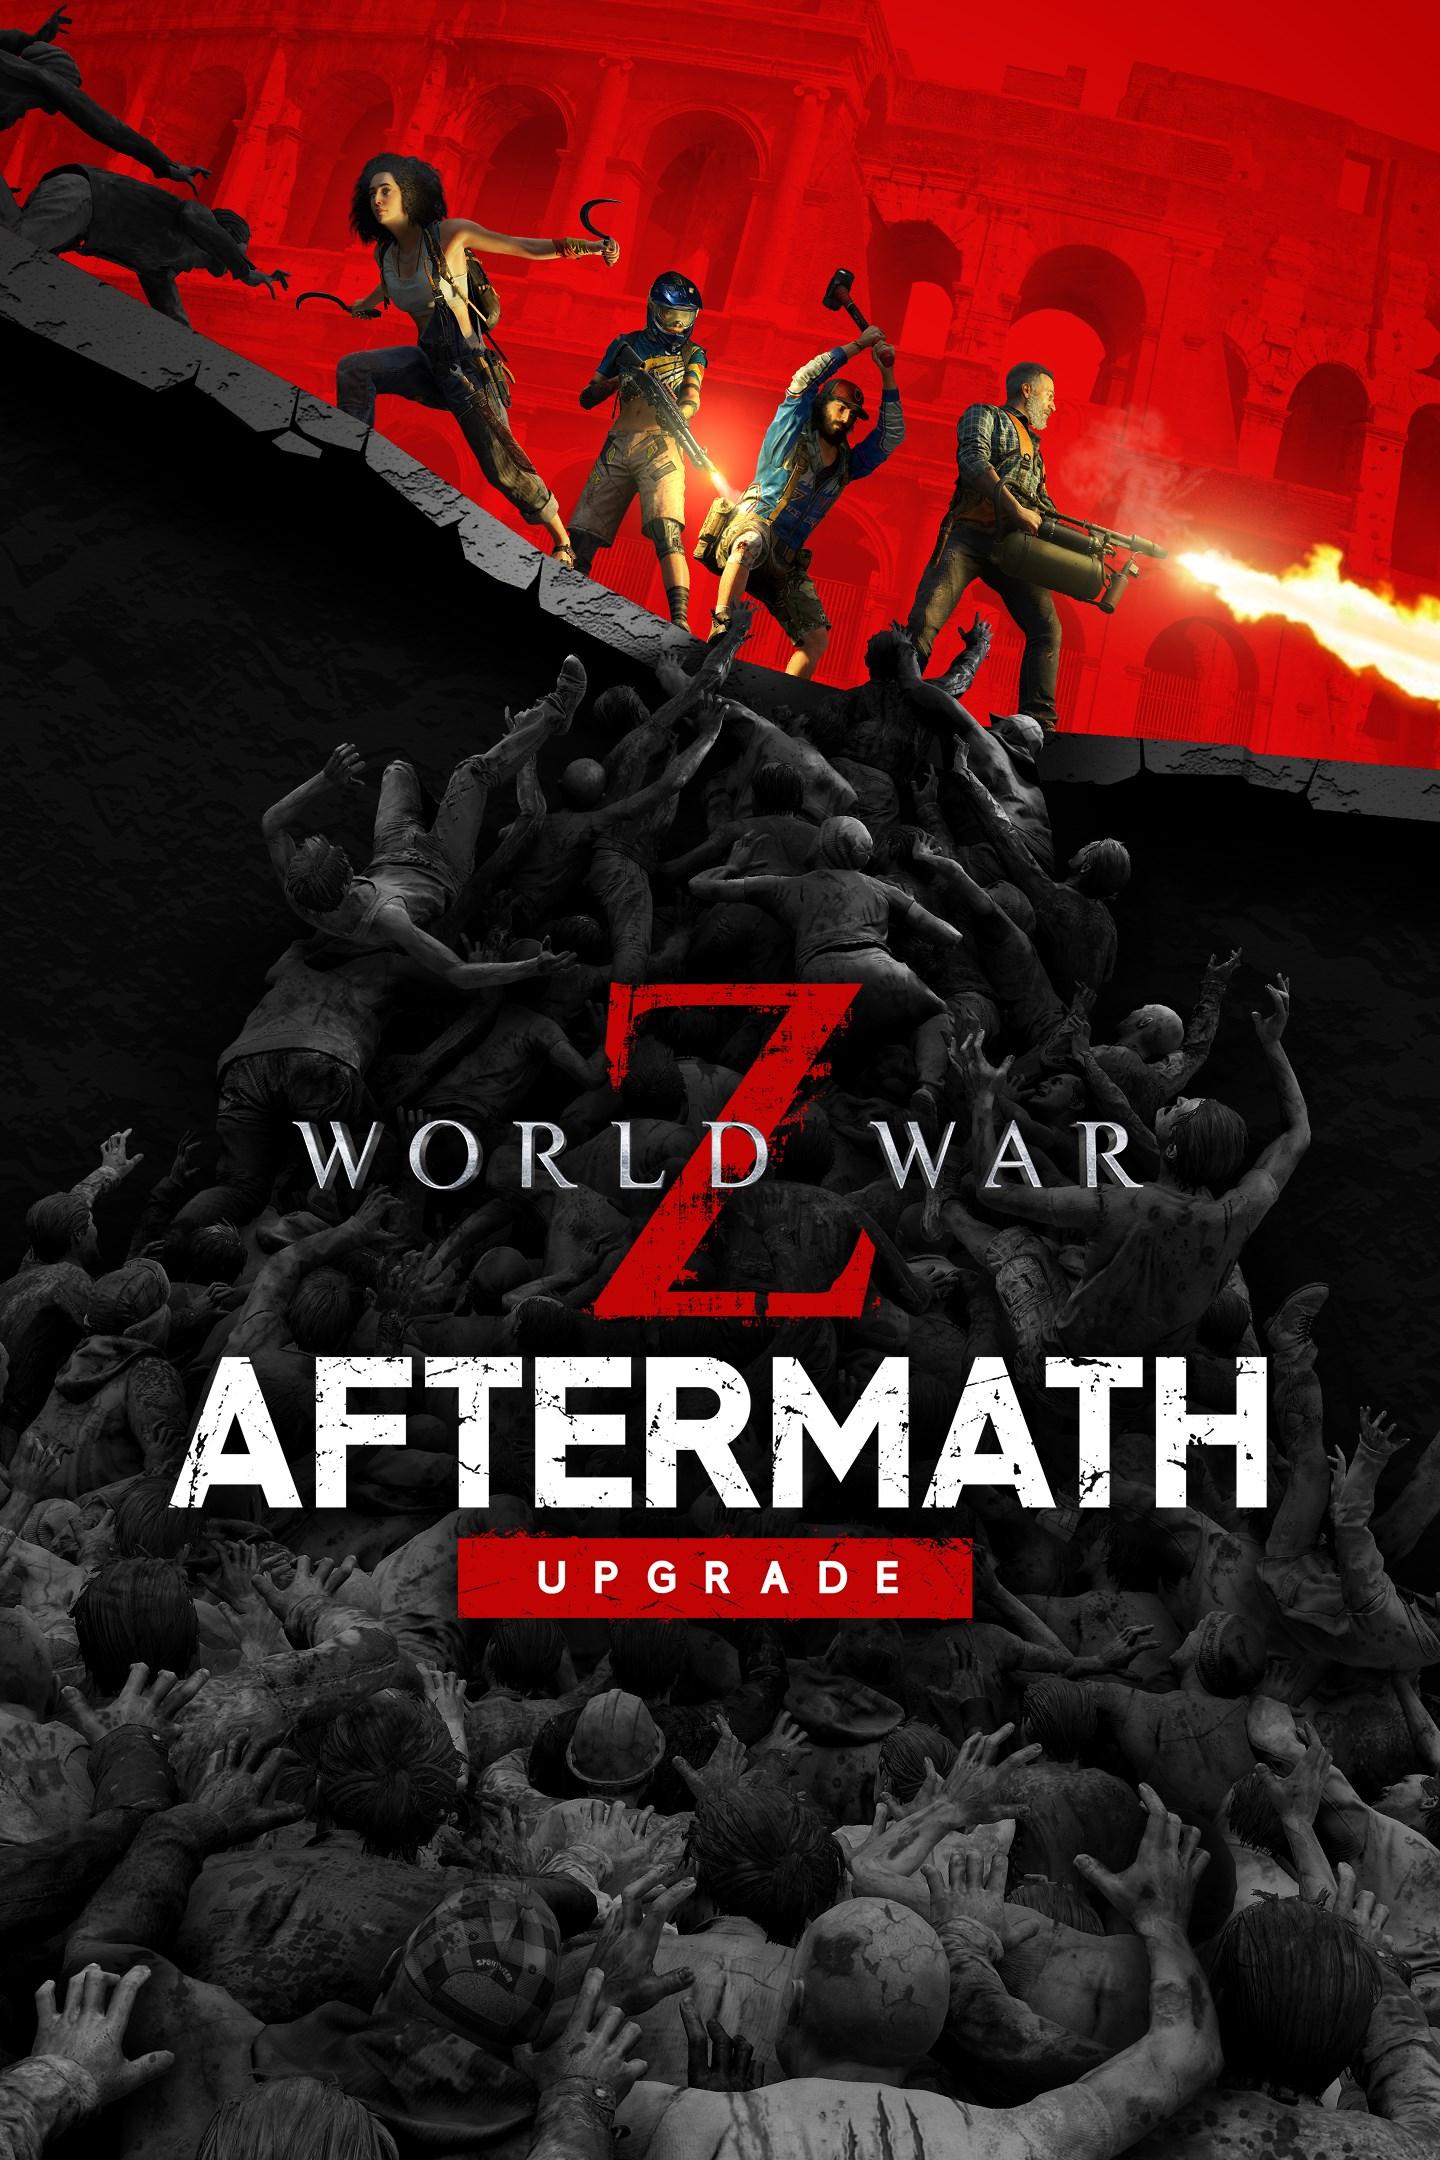 World War Z: Aftermath Upgrade